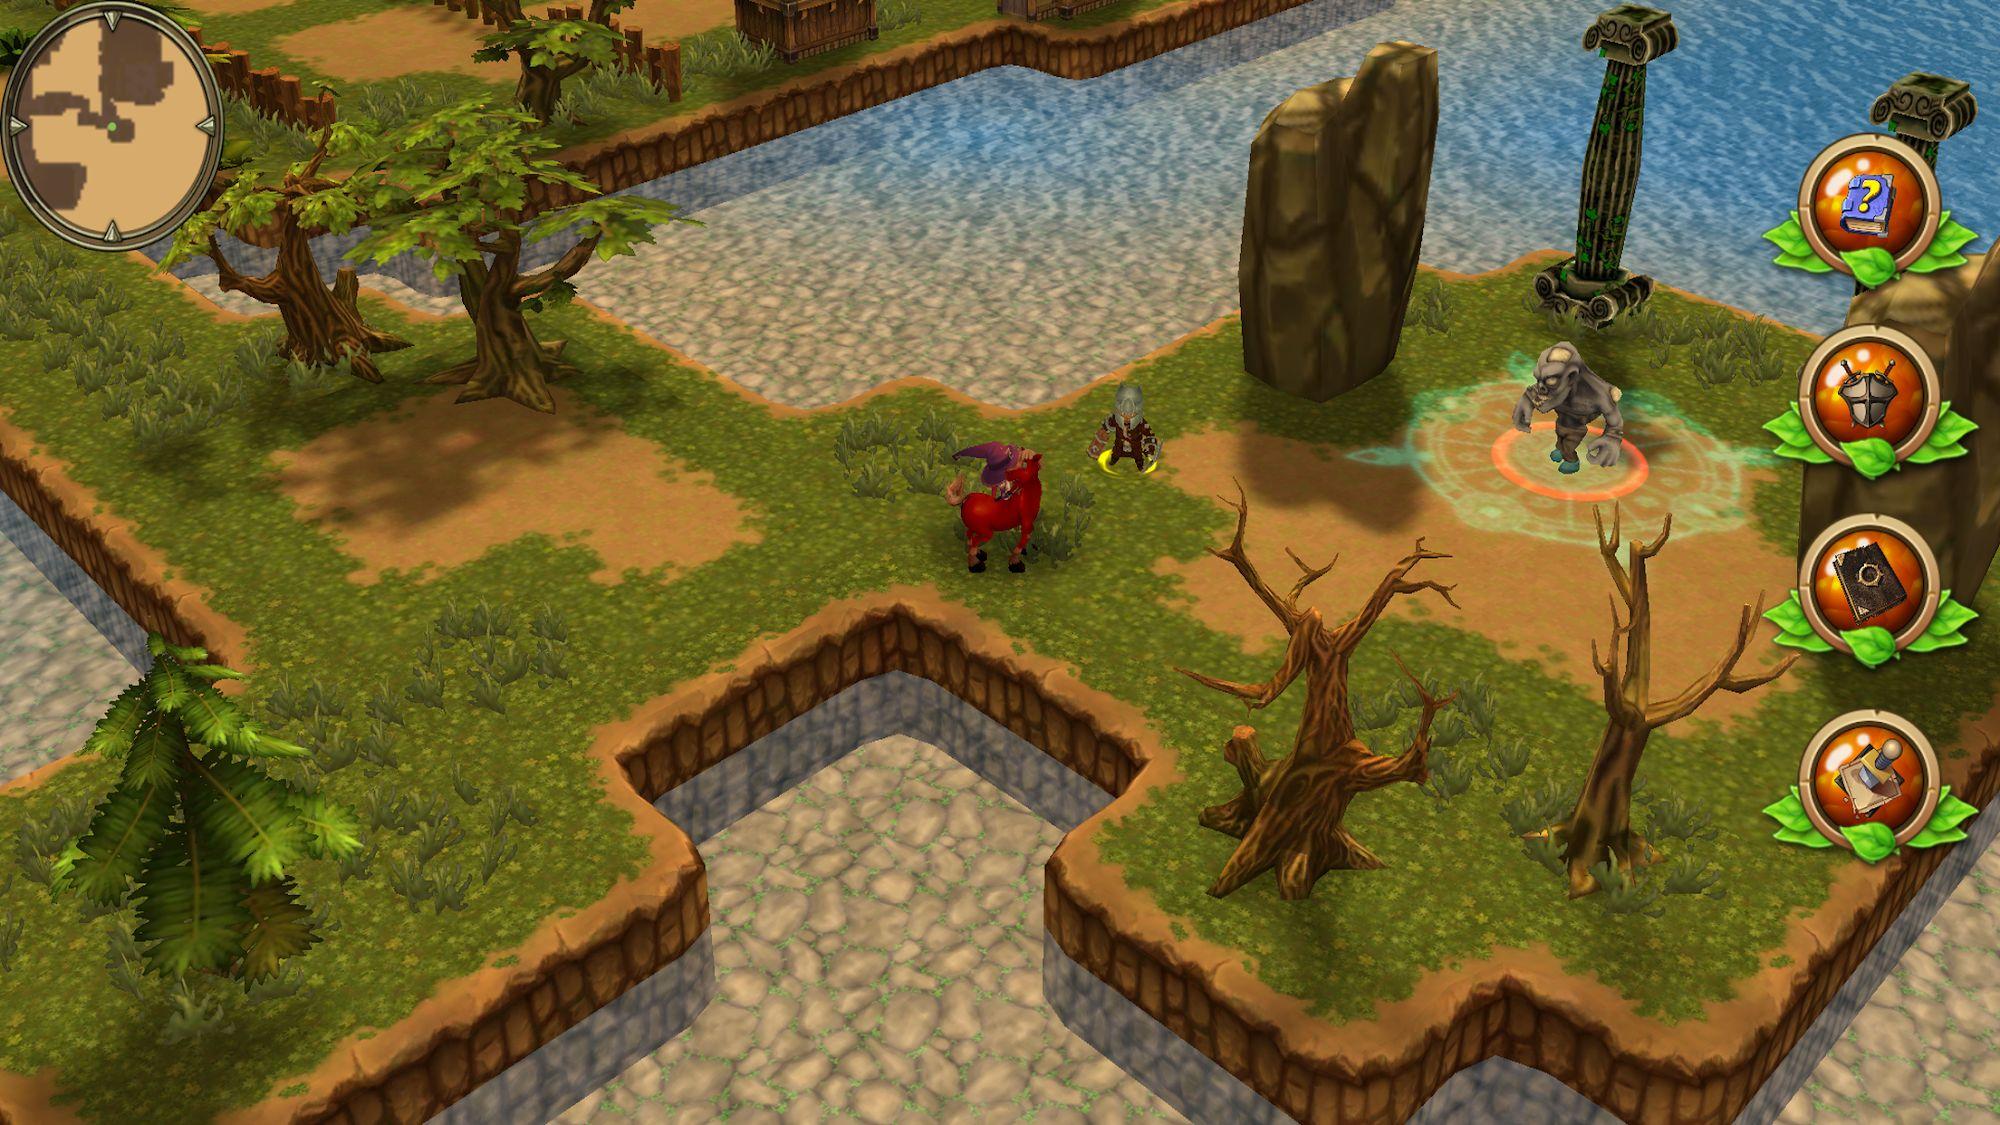 Kings Hero 2: Turn Based RPG скріншот 1